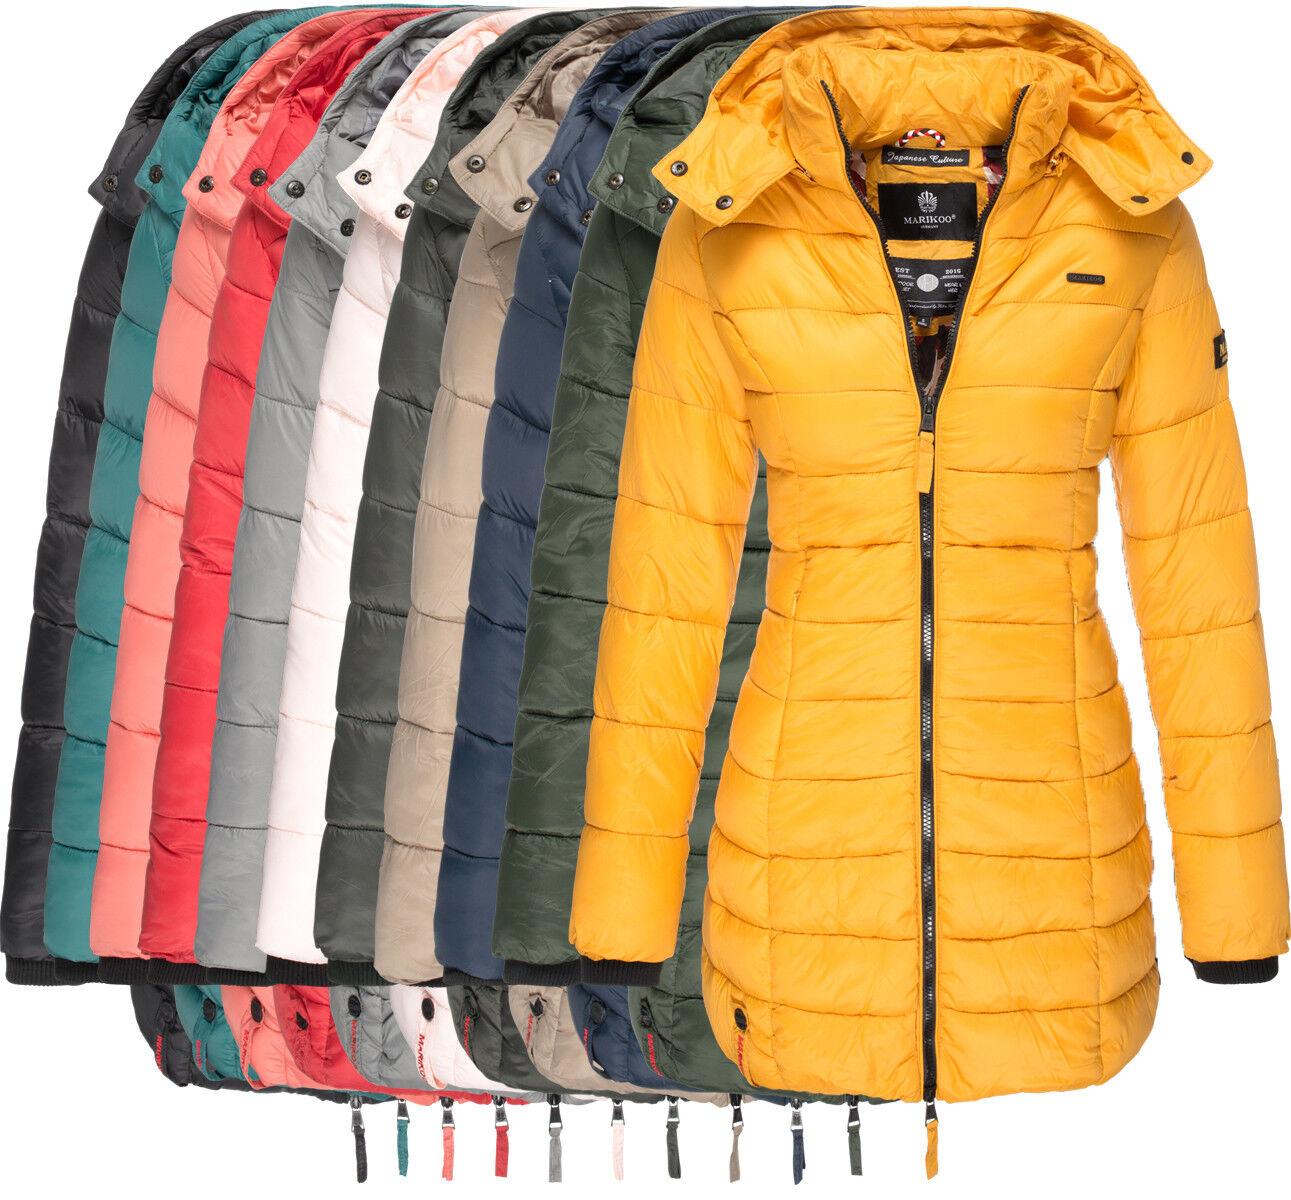 Damen Mantel Test Vergleich Damen Mantel Günstig Kaufen